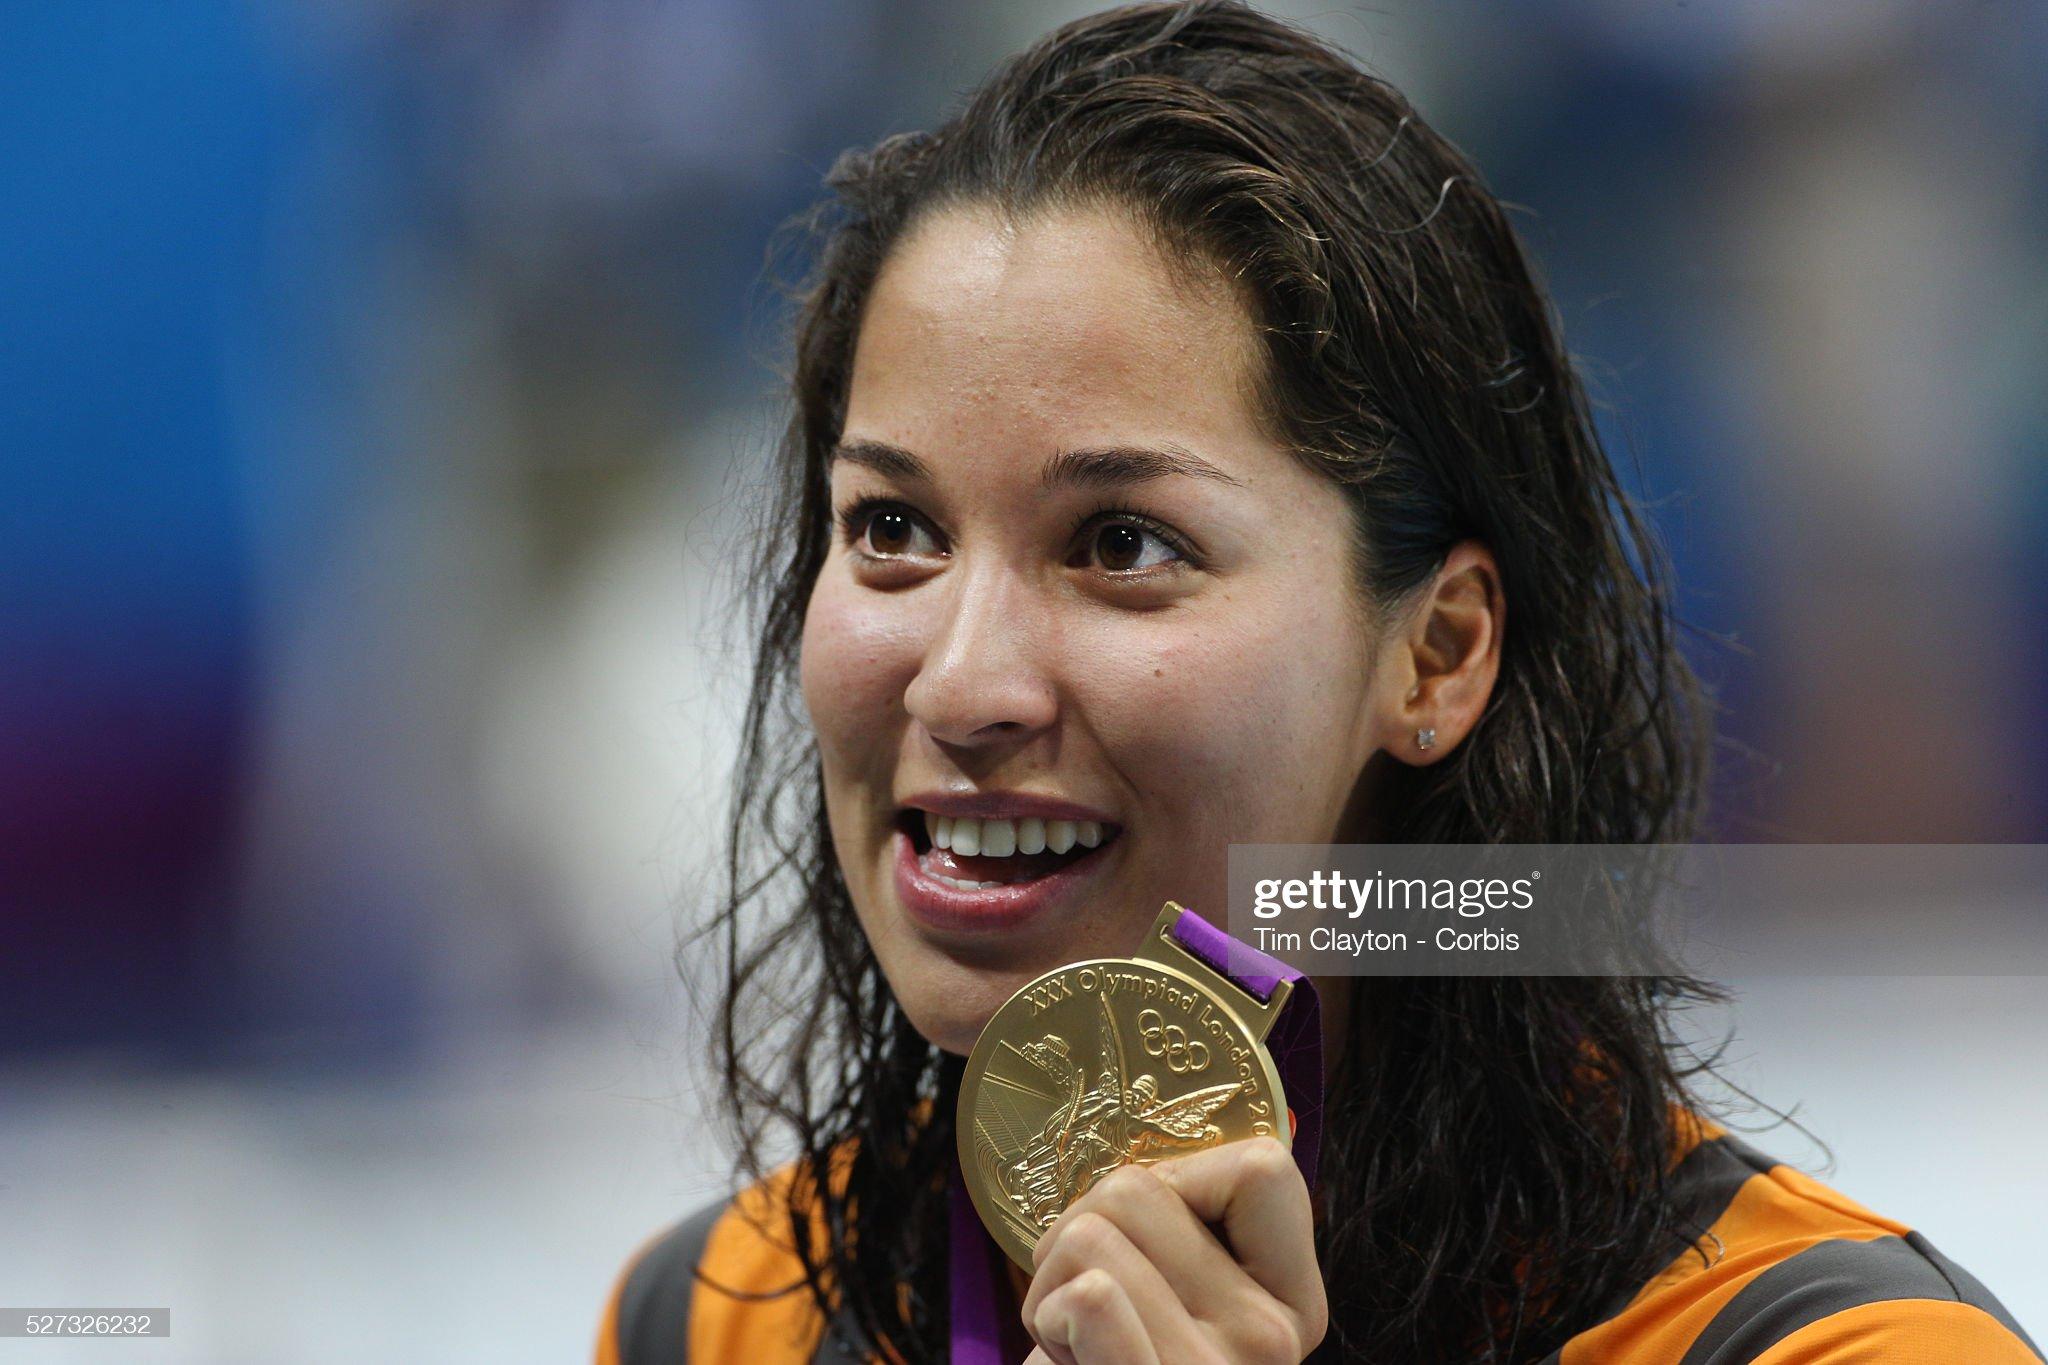 DEBATE sobre belleza, guapura y hermosura (fotos de chicas latinas, mestizas, y de todo) - VOL II - Página 4 Ranomi-kromowidjojo-the-netherlands-wins-the-gold-medal-in-the-womens-picture-id527326232?s=2048x2048